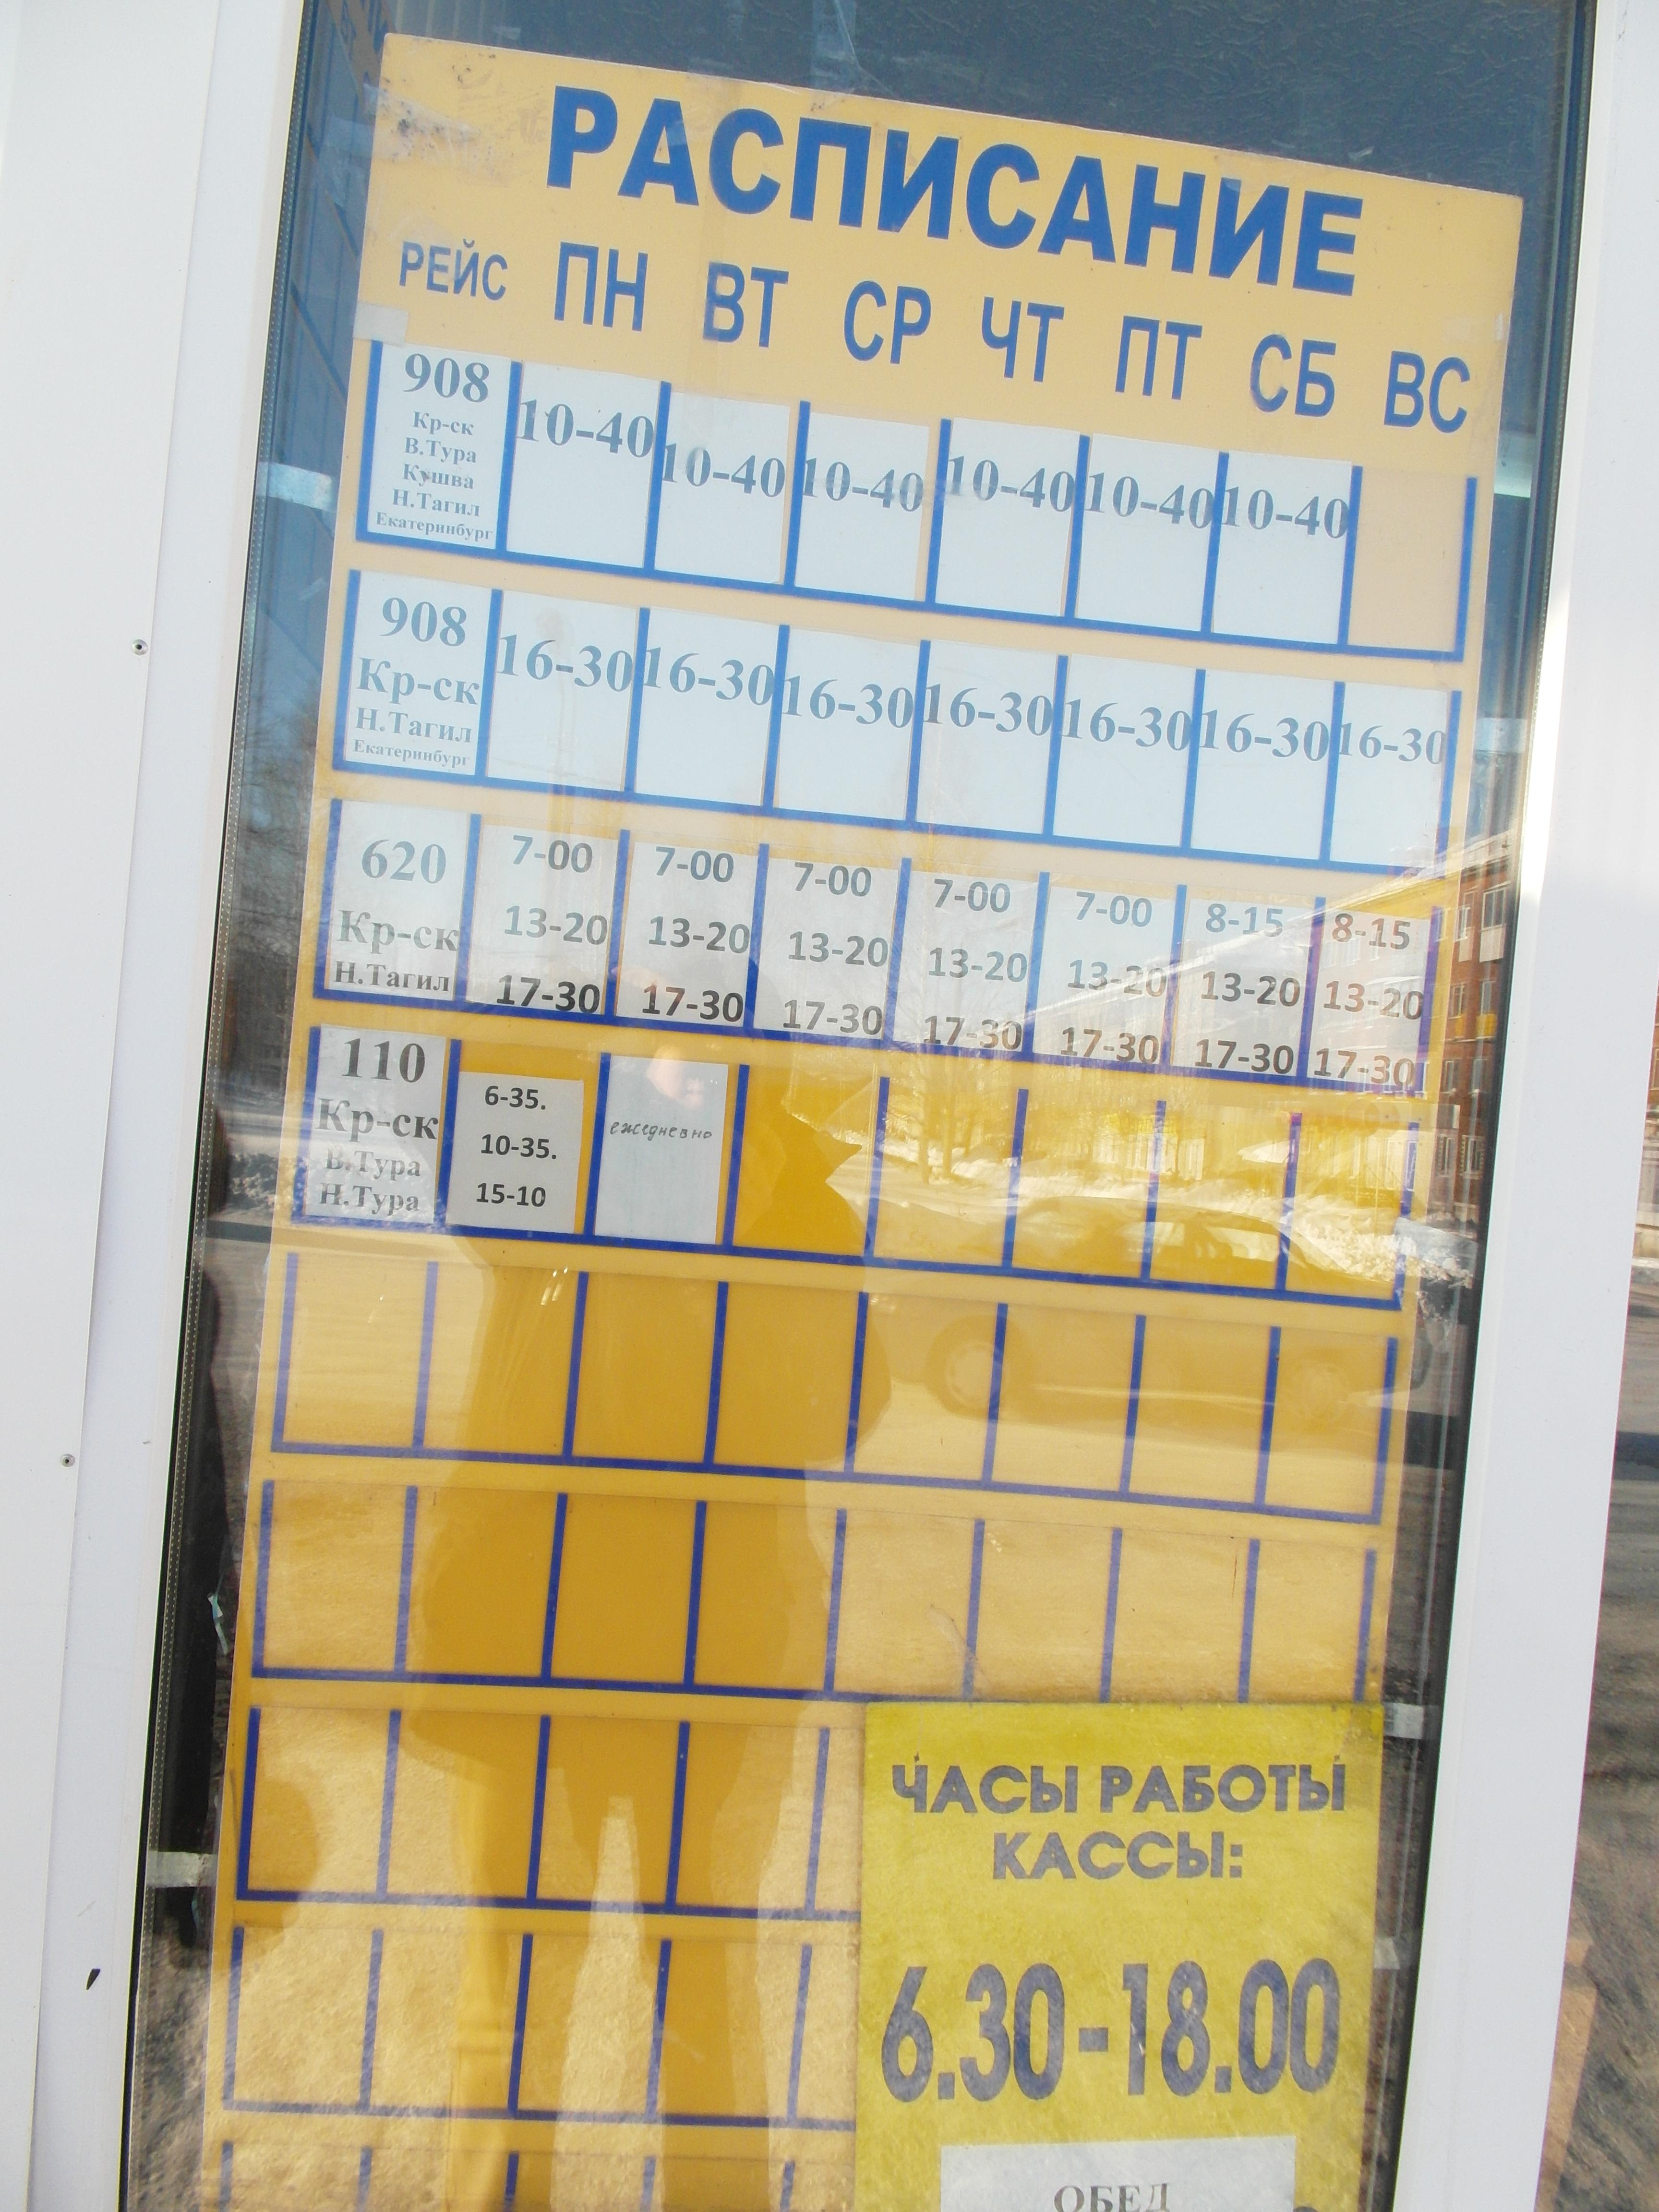 Мособлбанк: расписание автобусов екатеринбург северный нижняя тура можете сохранить память